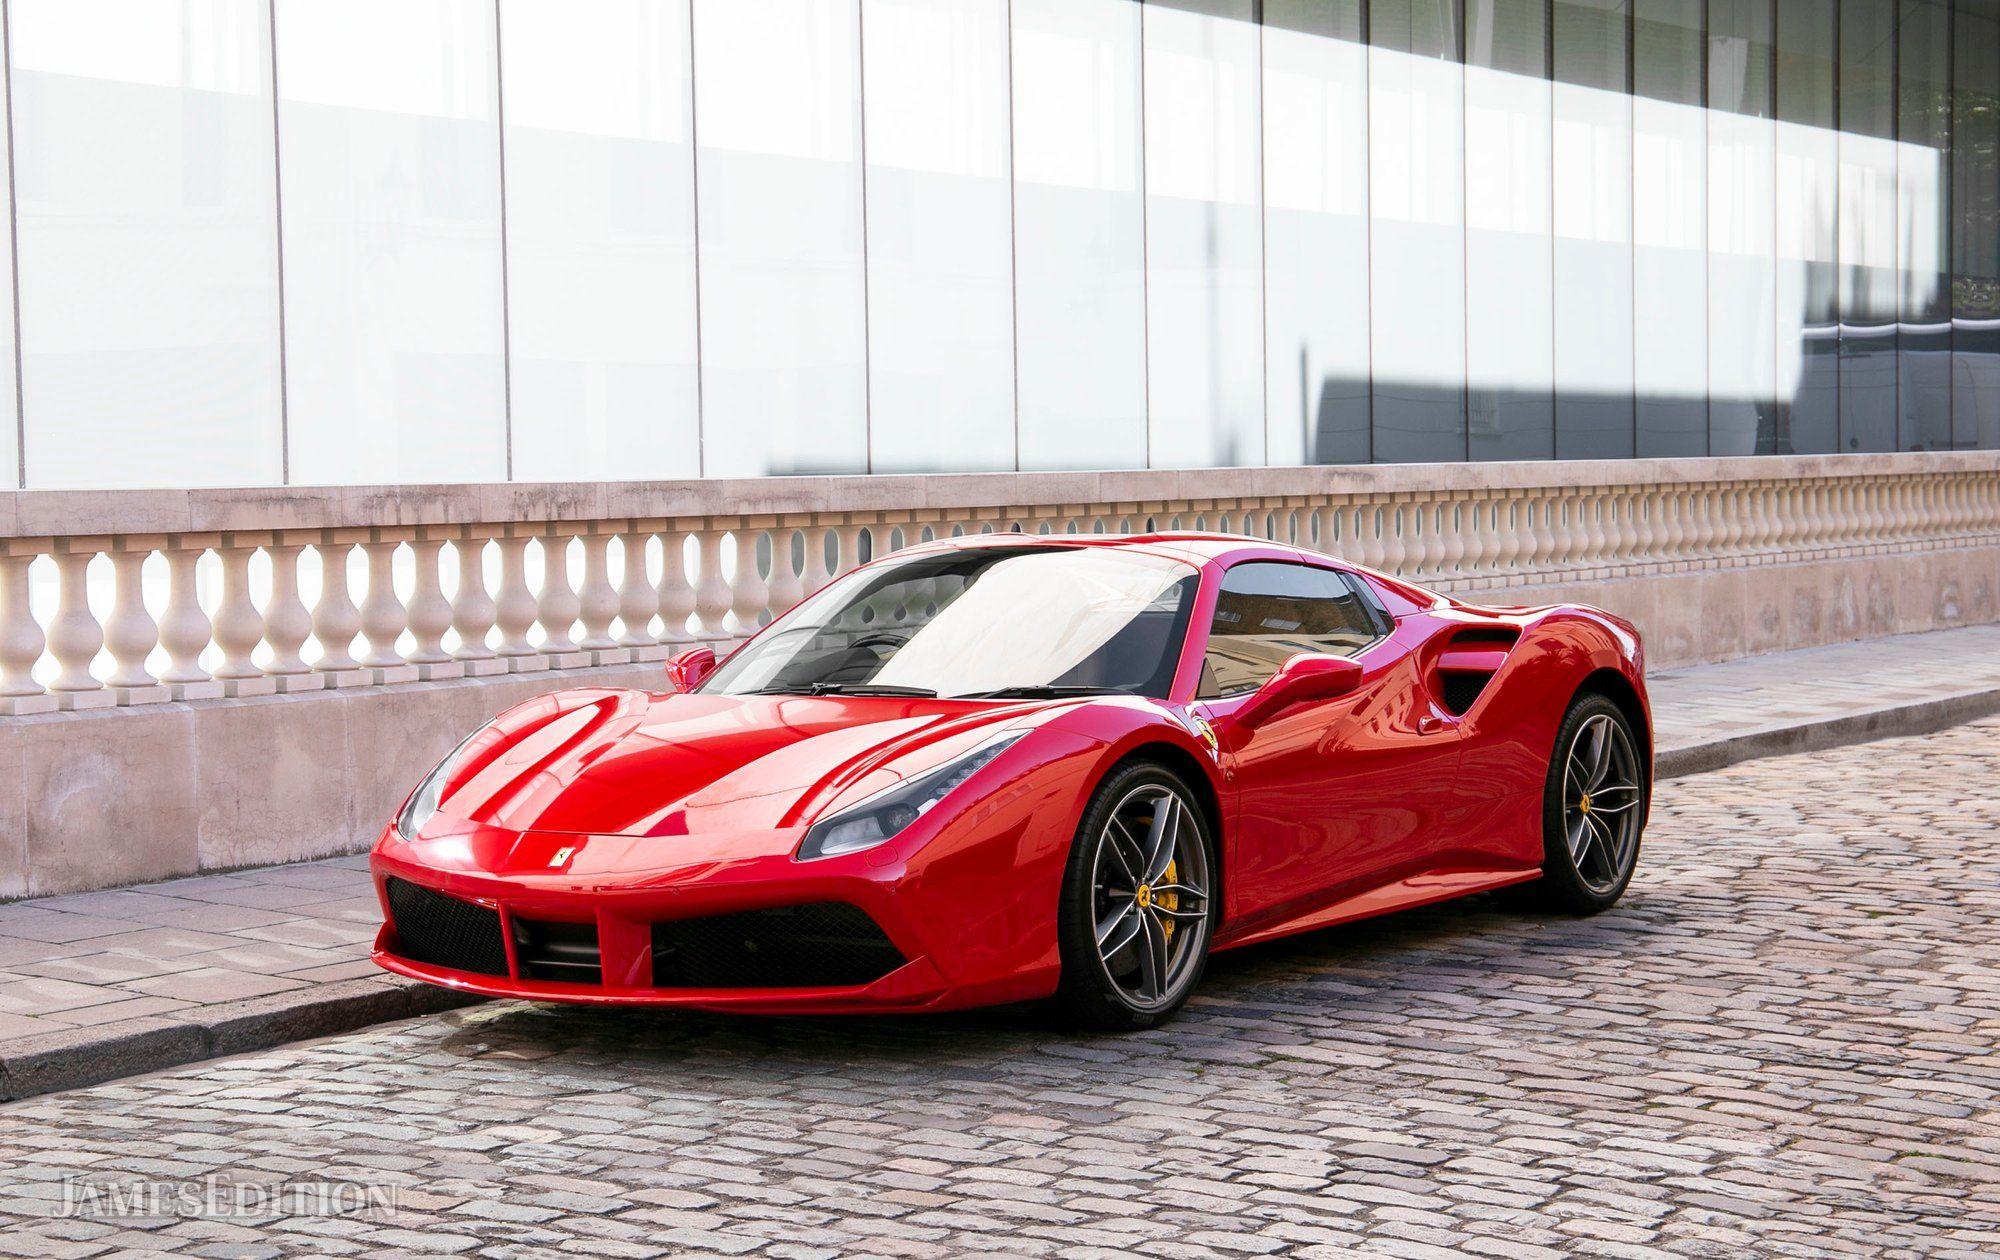 2018 Ferrari 488 Spider In London, United Kingdom For Sale